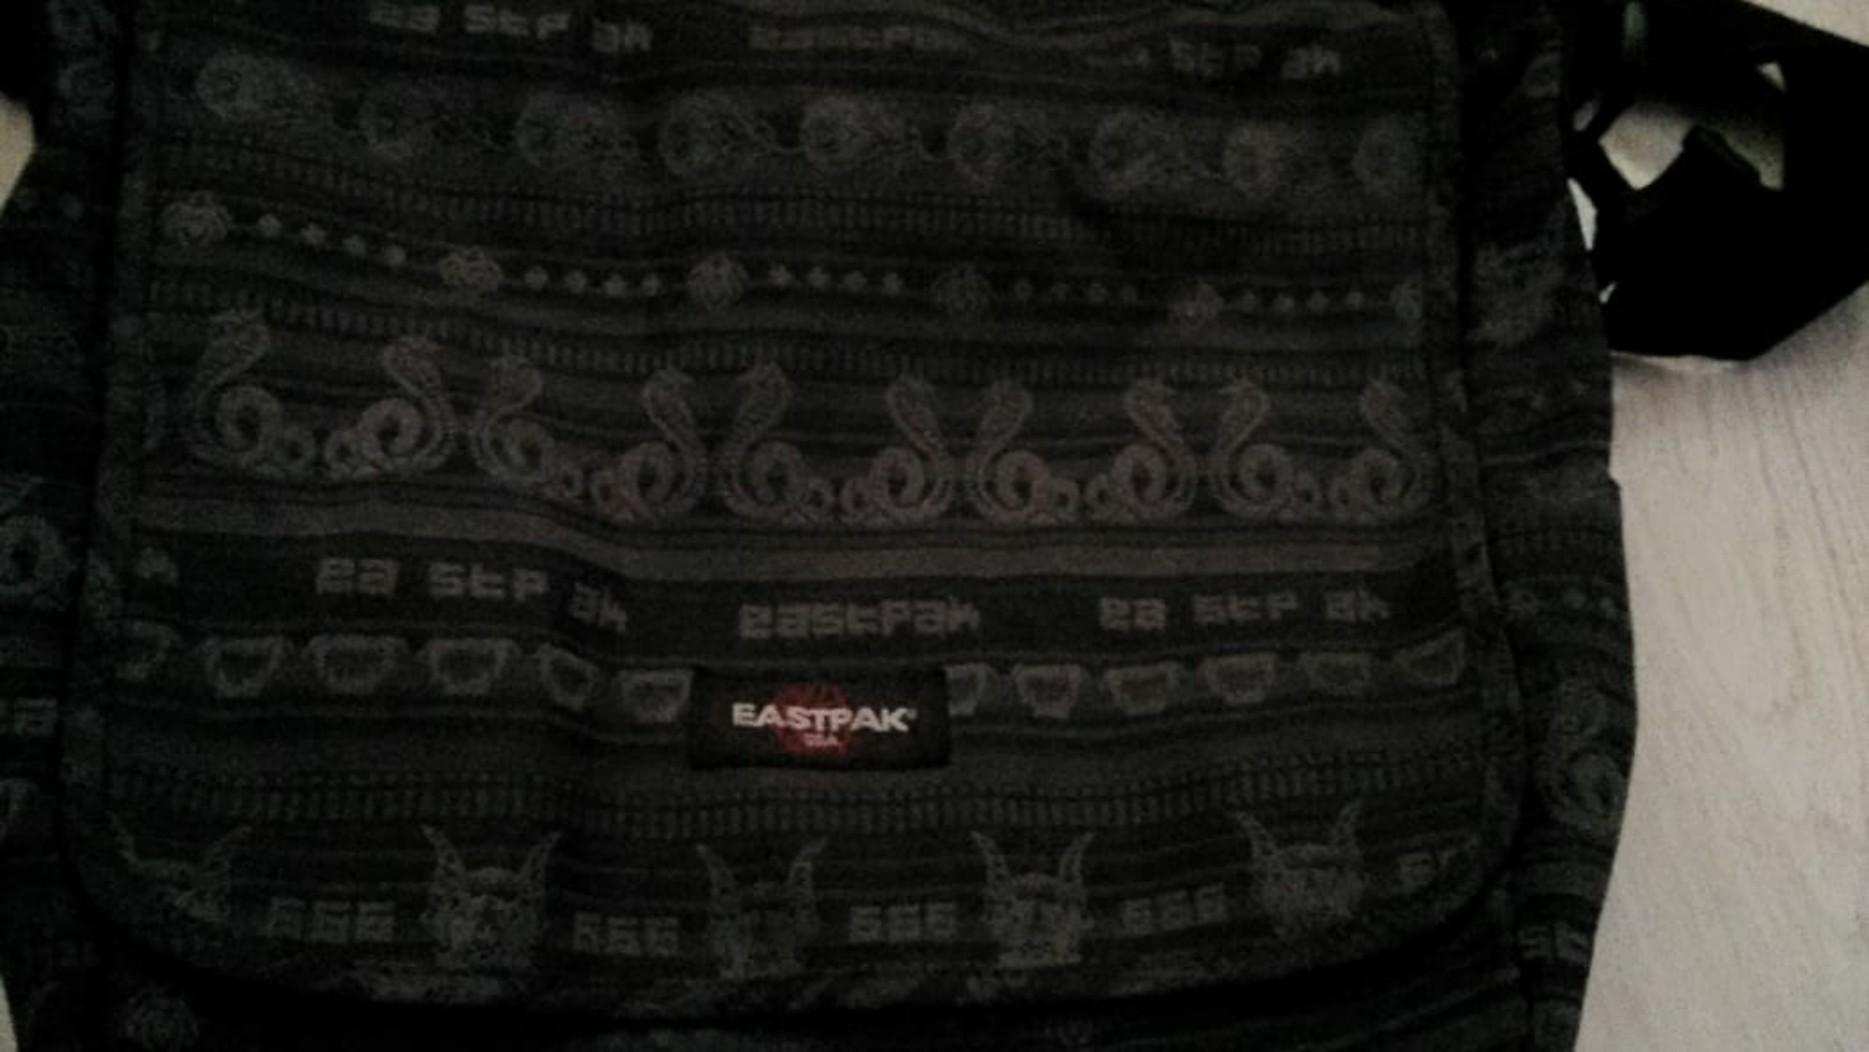 Sling Bag eastpak navajo